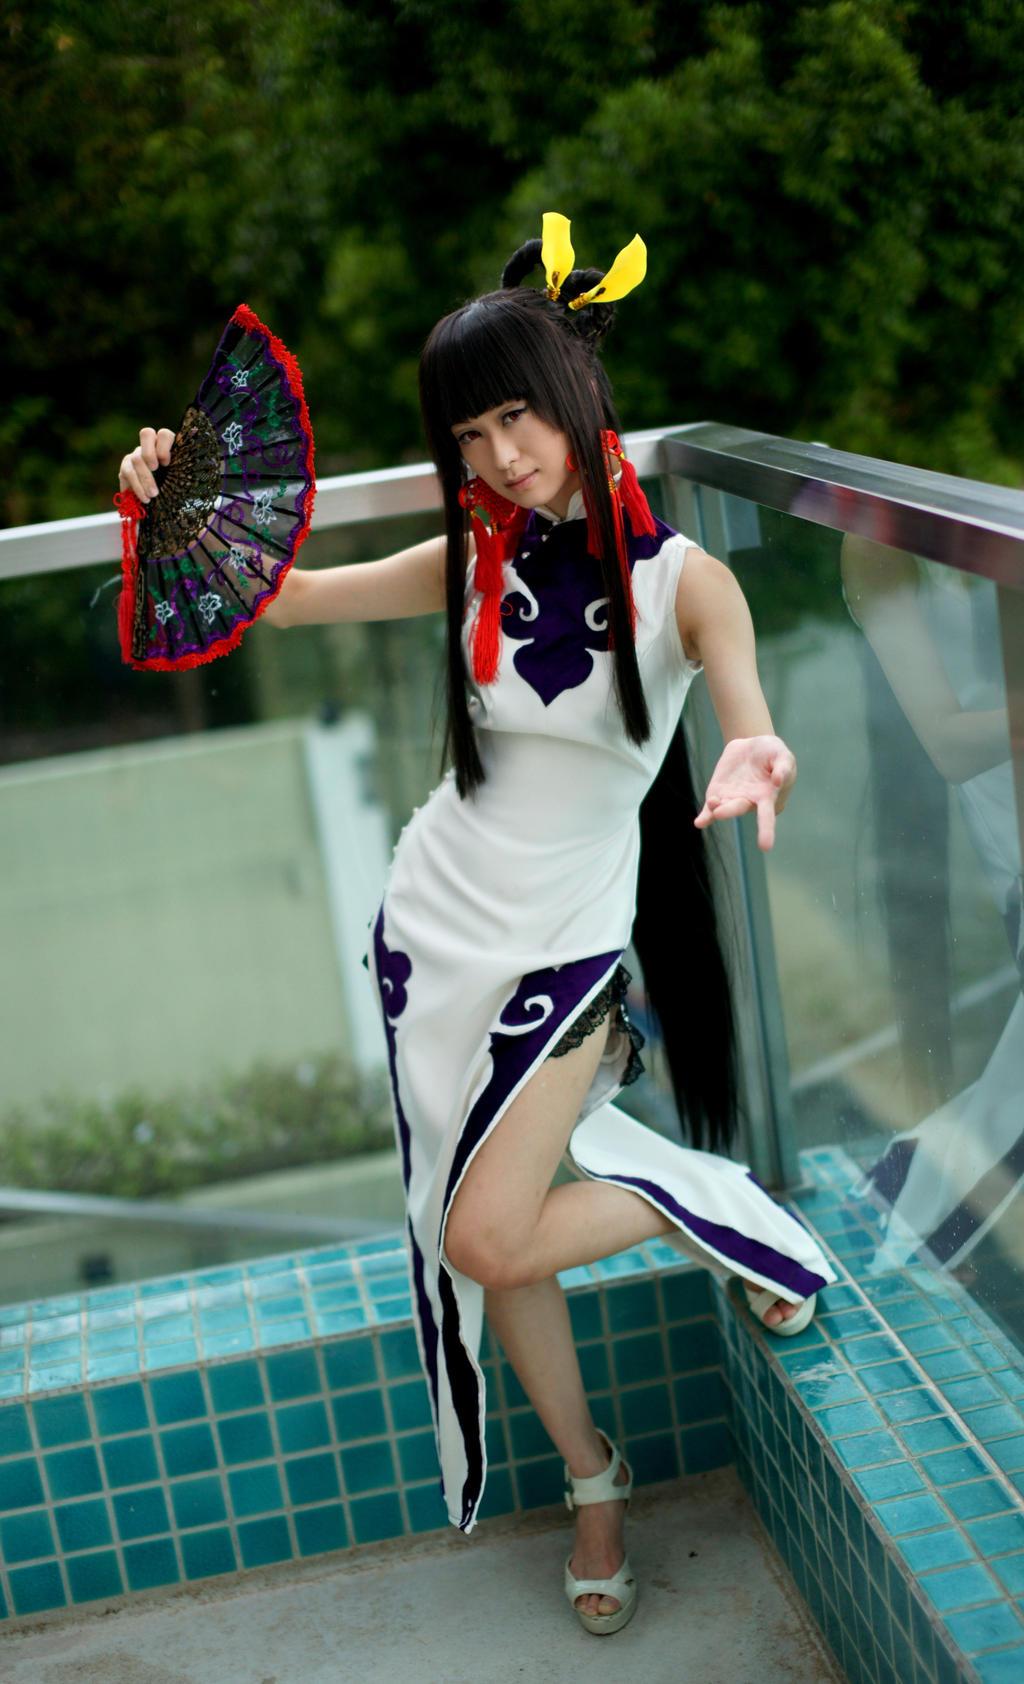 XXXHolic: Yuuko Ichihara (full) by VenusLim